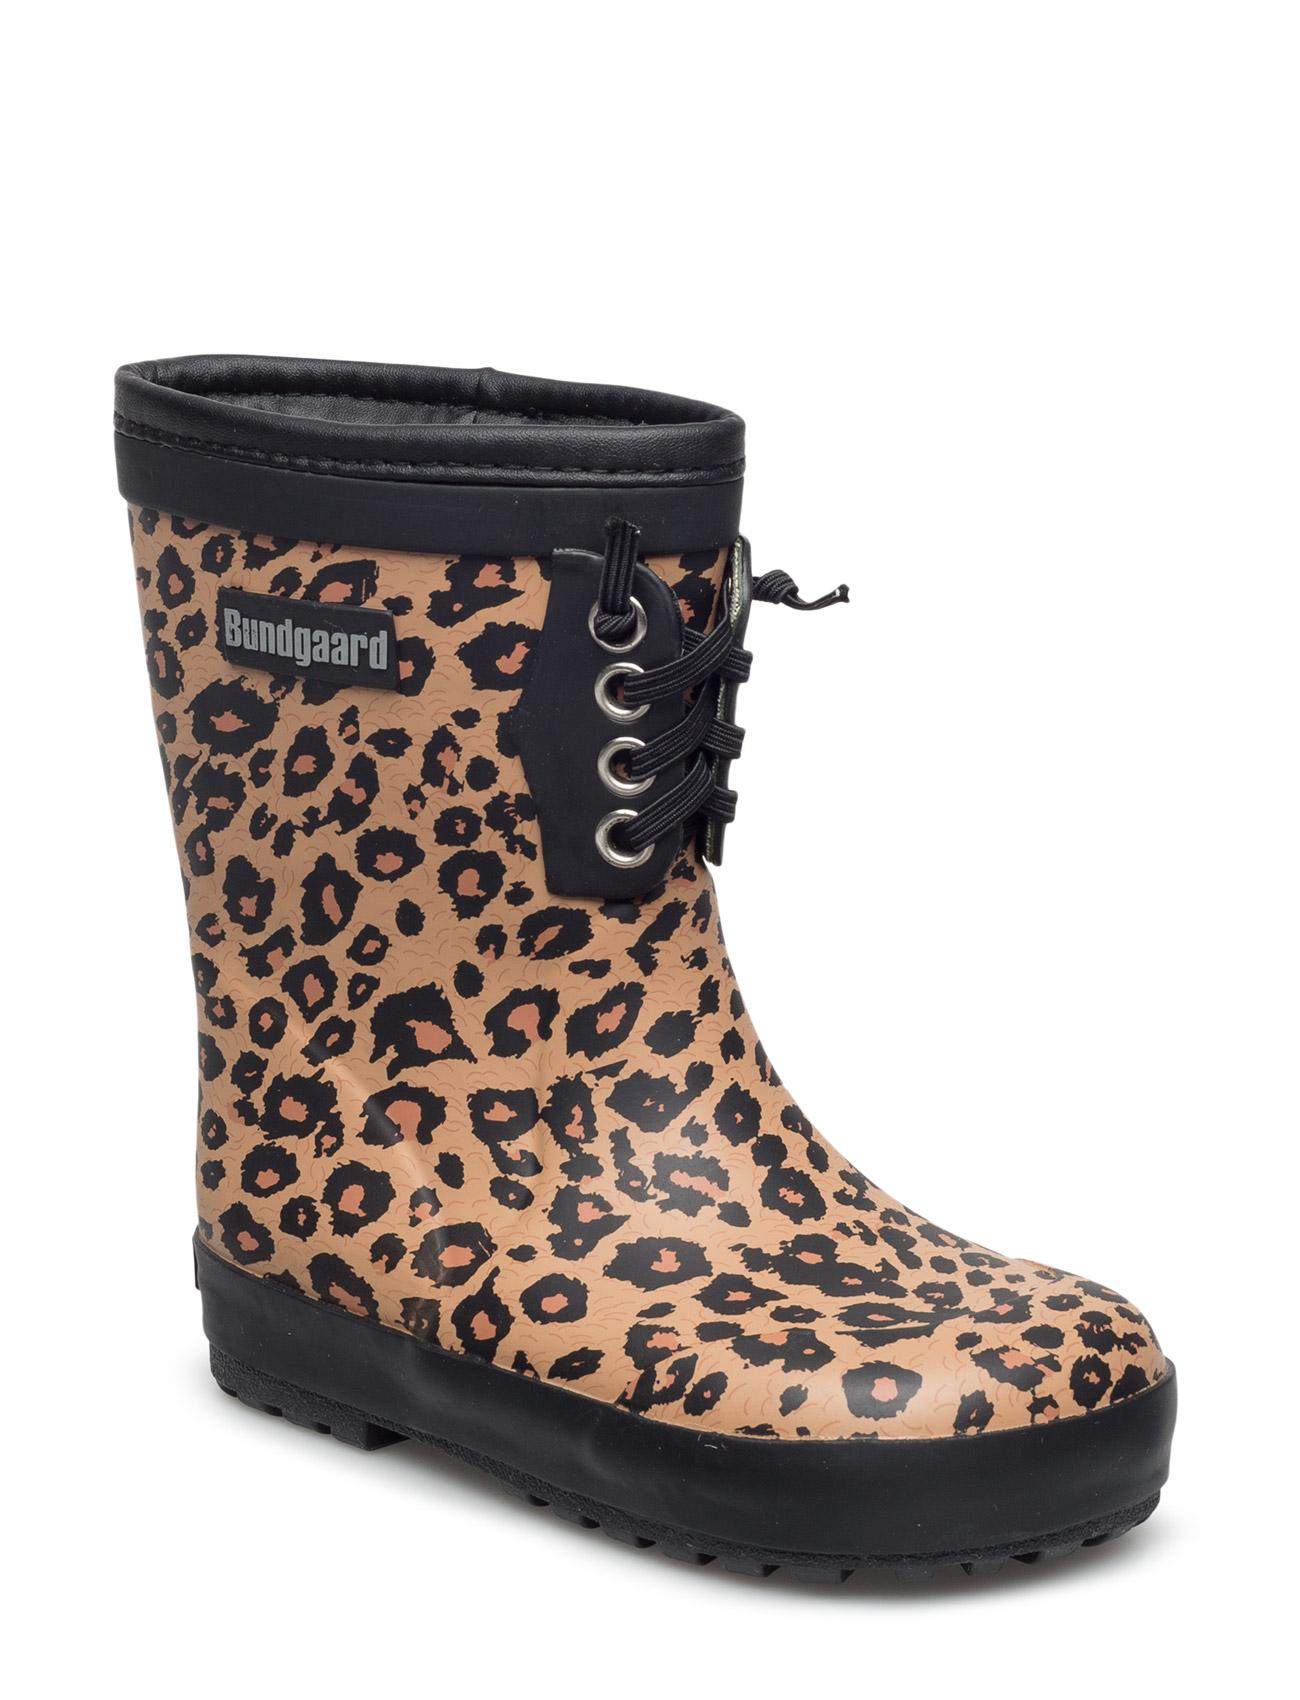 Classic Rubber Boots Warm Bundgaard Gummistøvler til Børn i Leopard